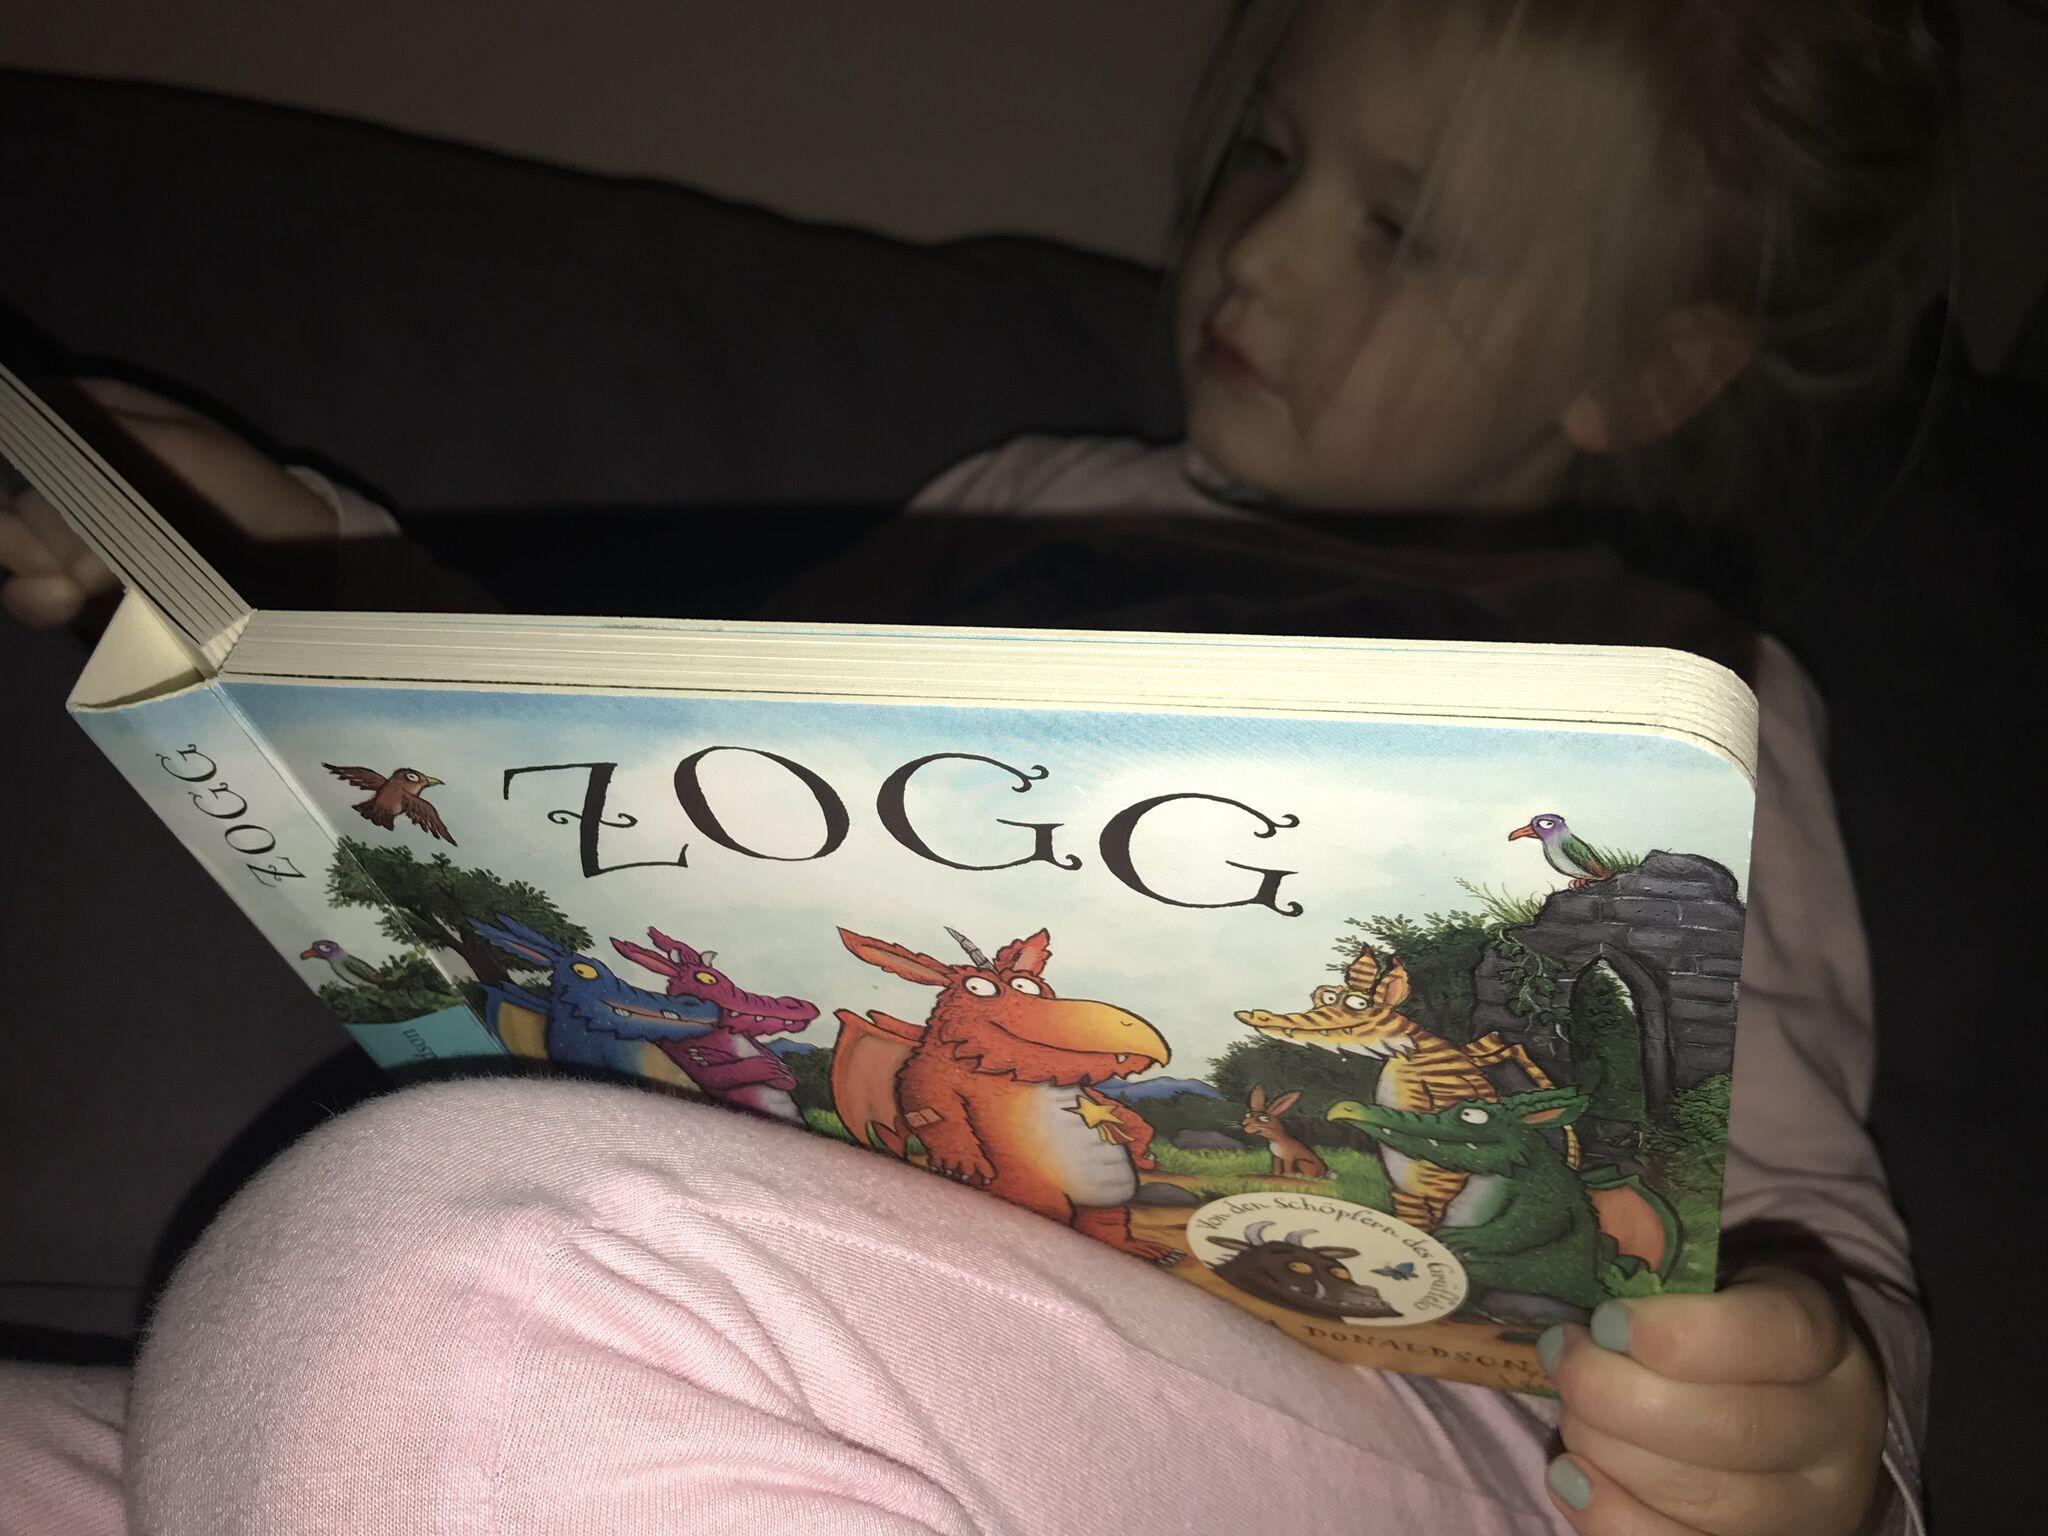 Kind liest im Zogg Buch